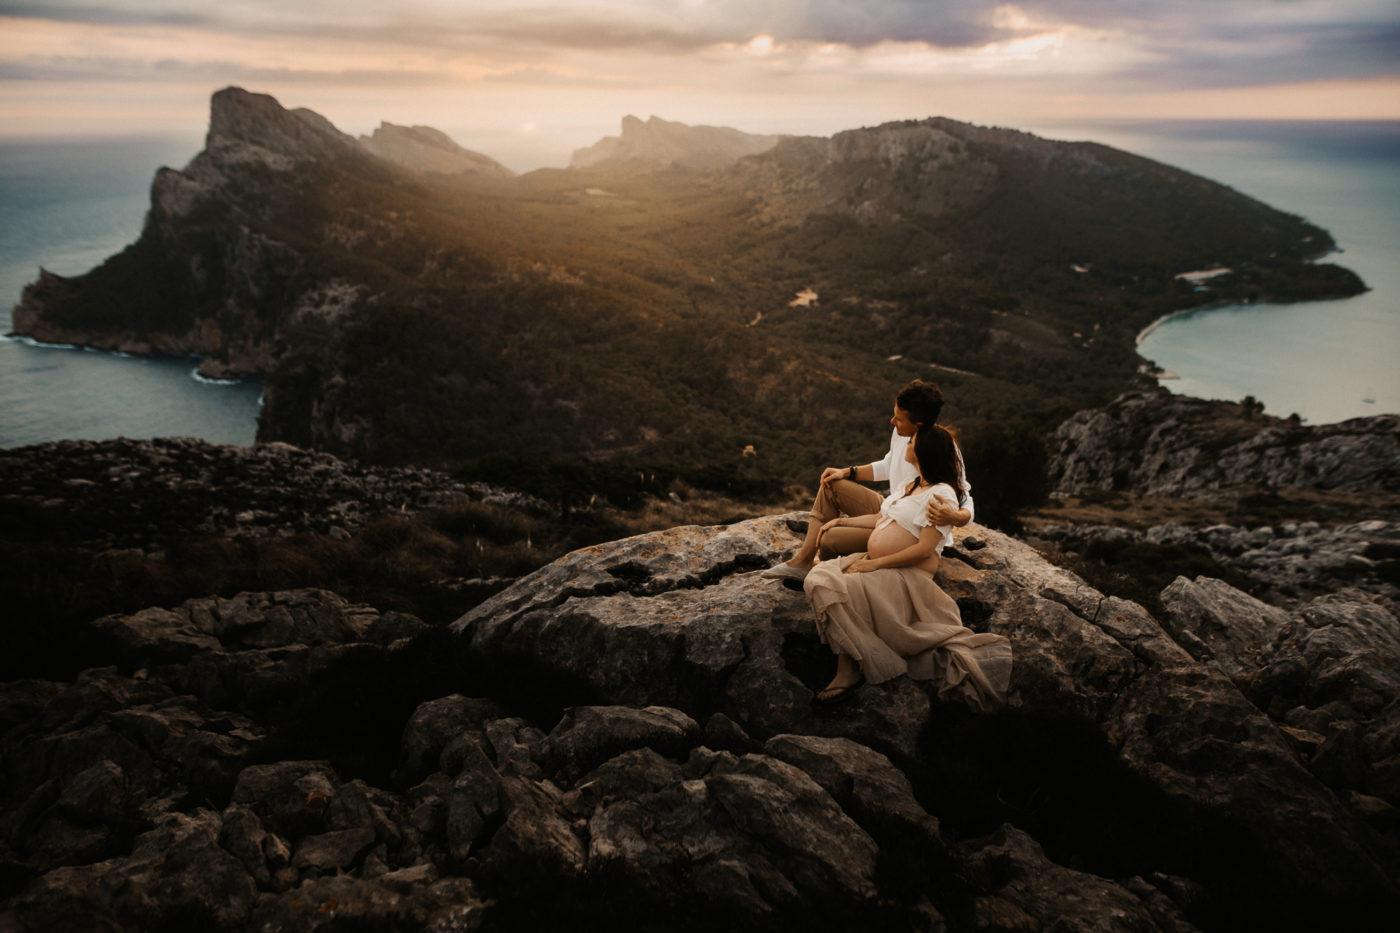 Schwangeres Paar eigebettet in der Landschaft von Formentor auf Mallorca.